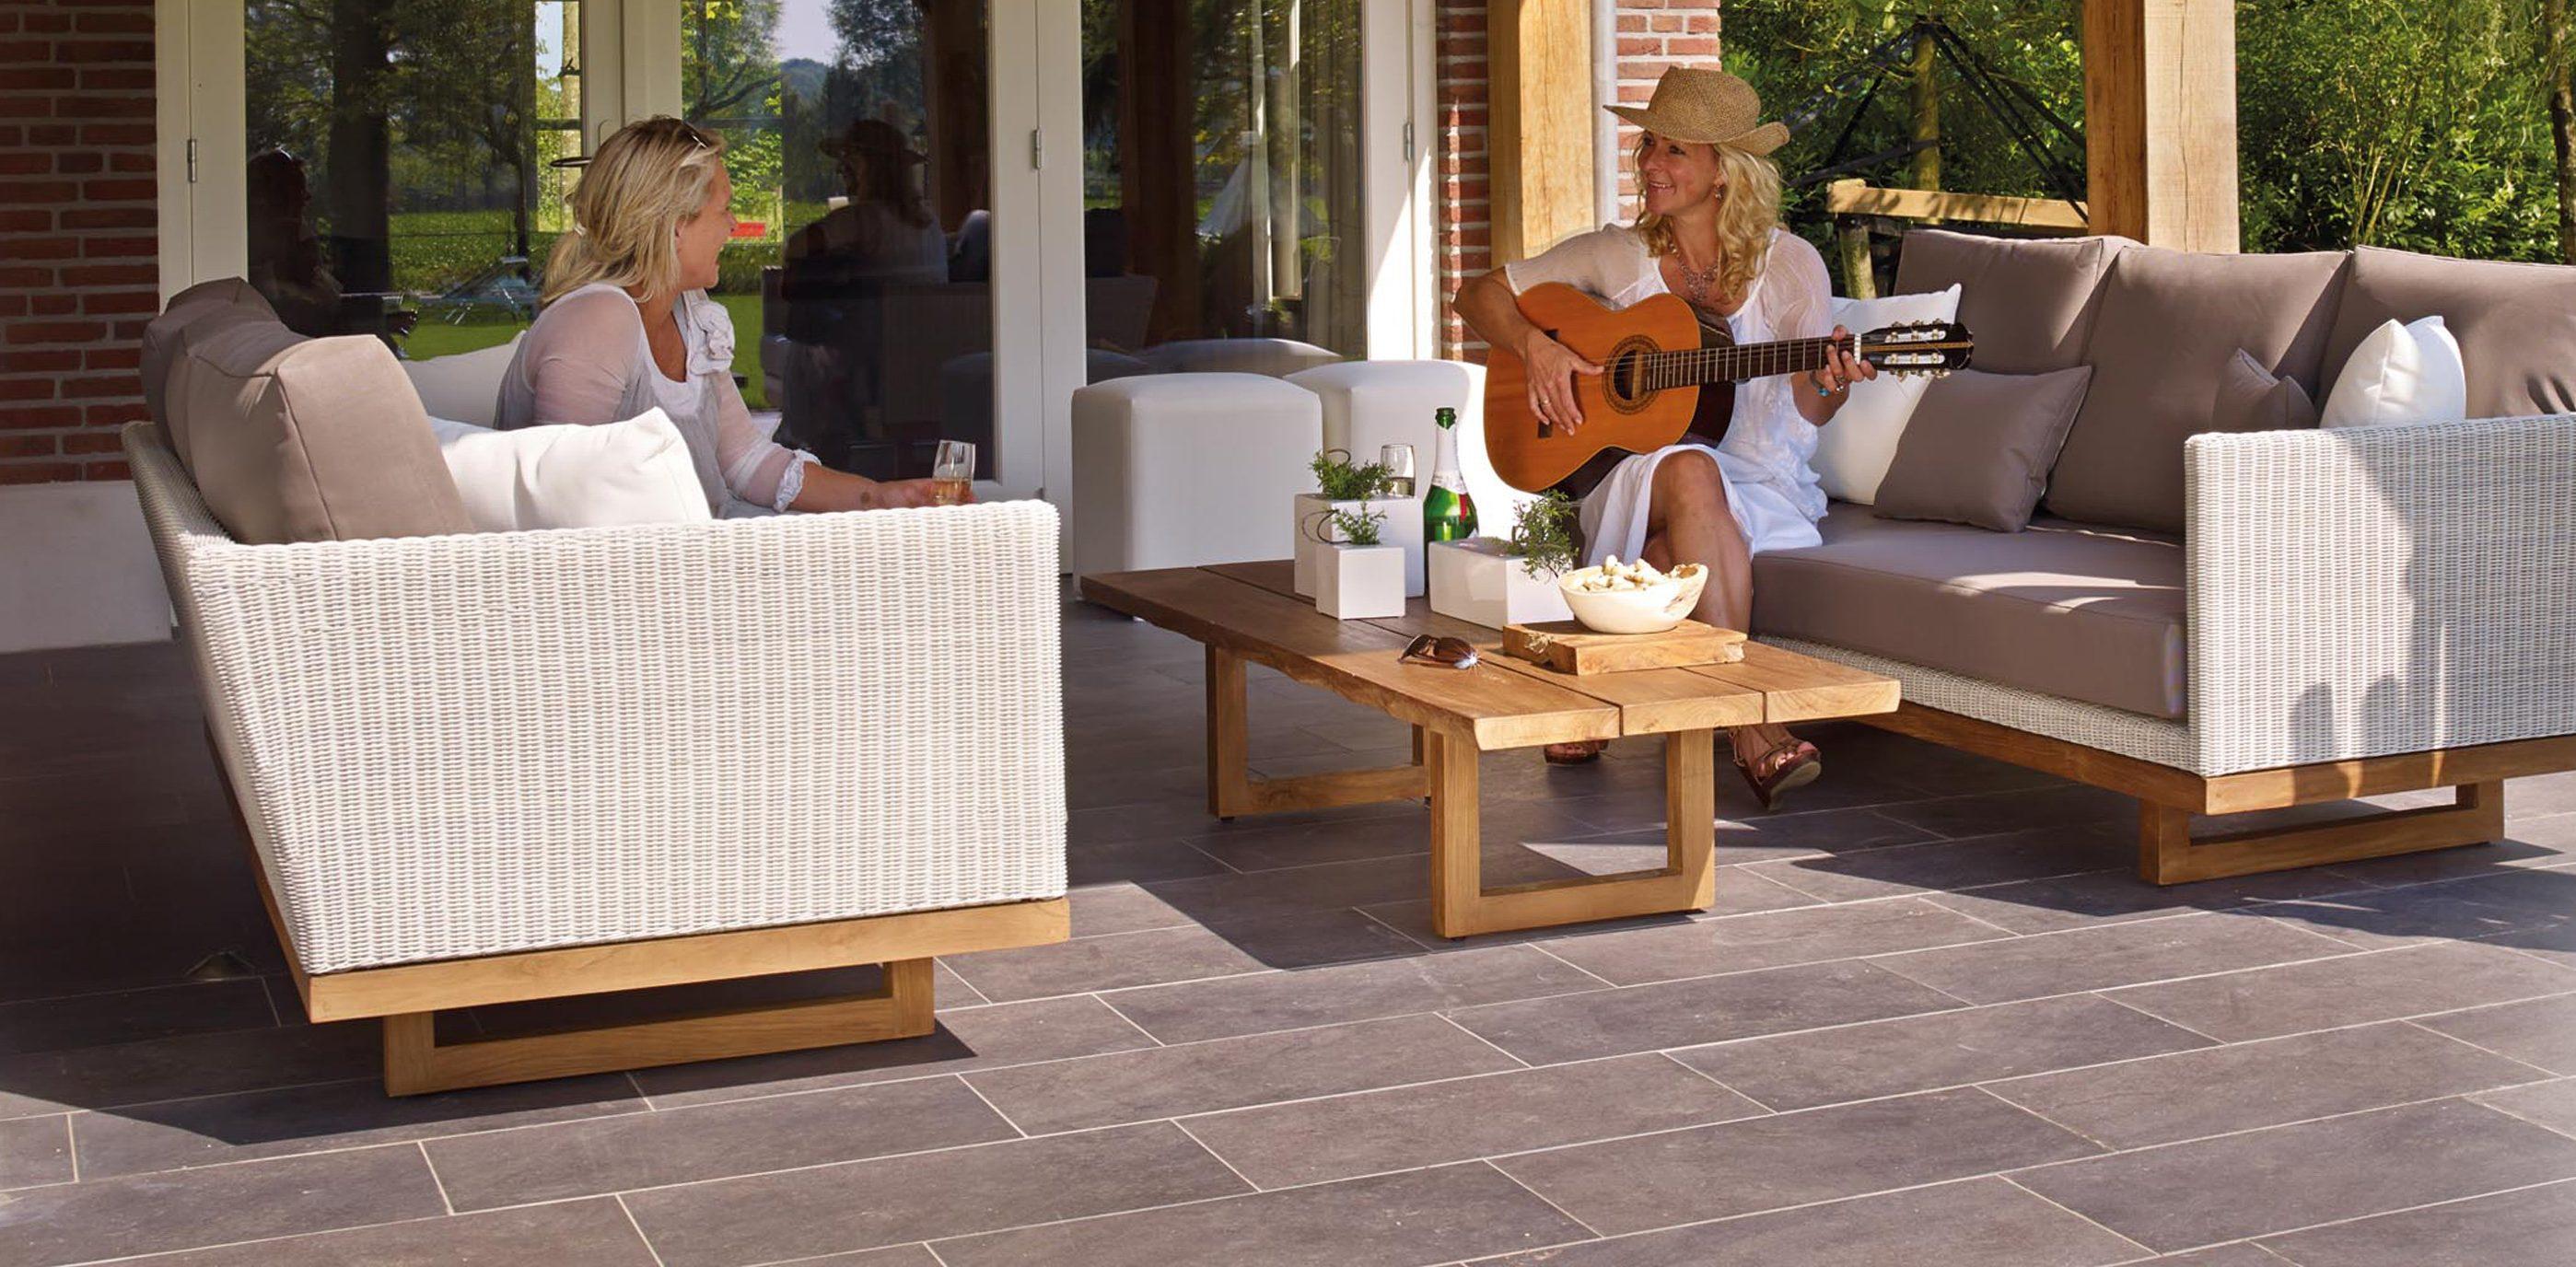 preparing your patio